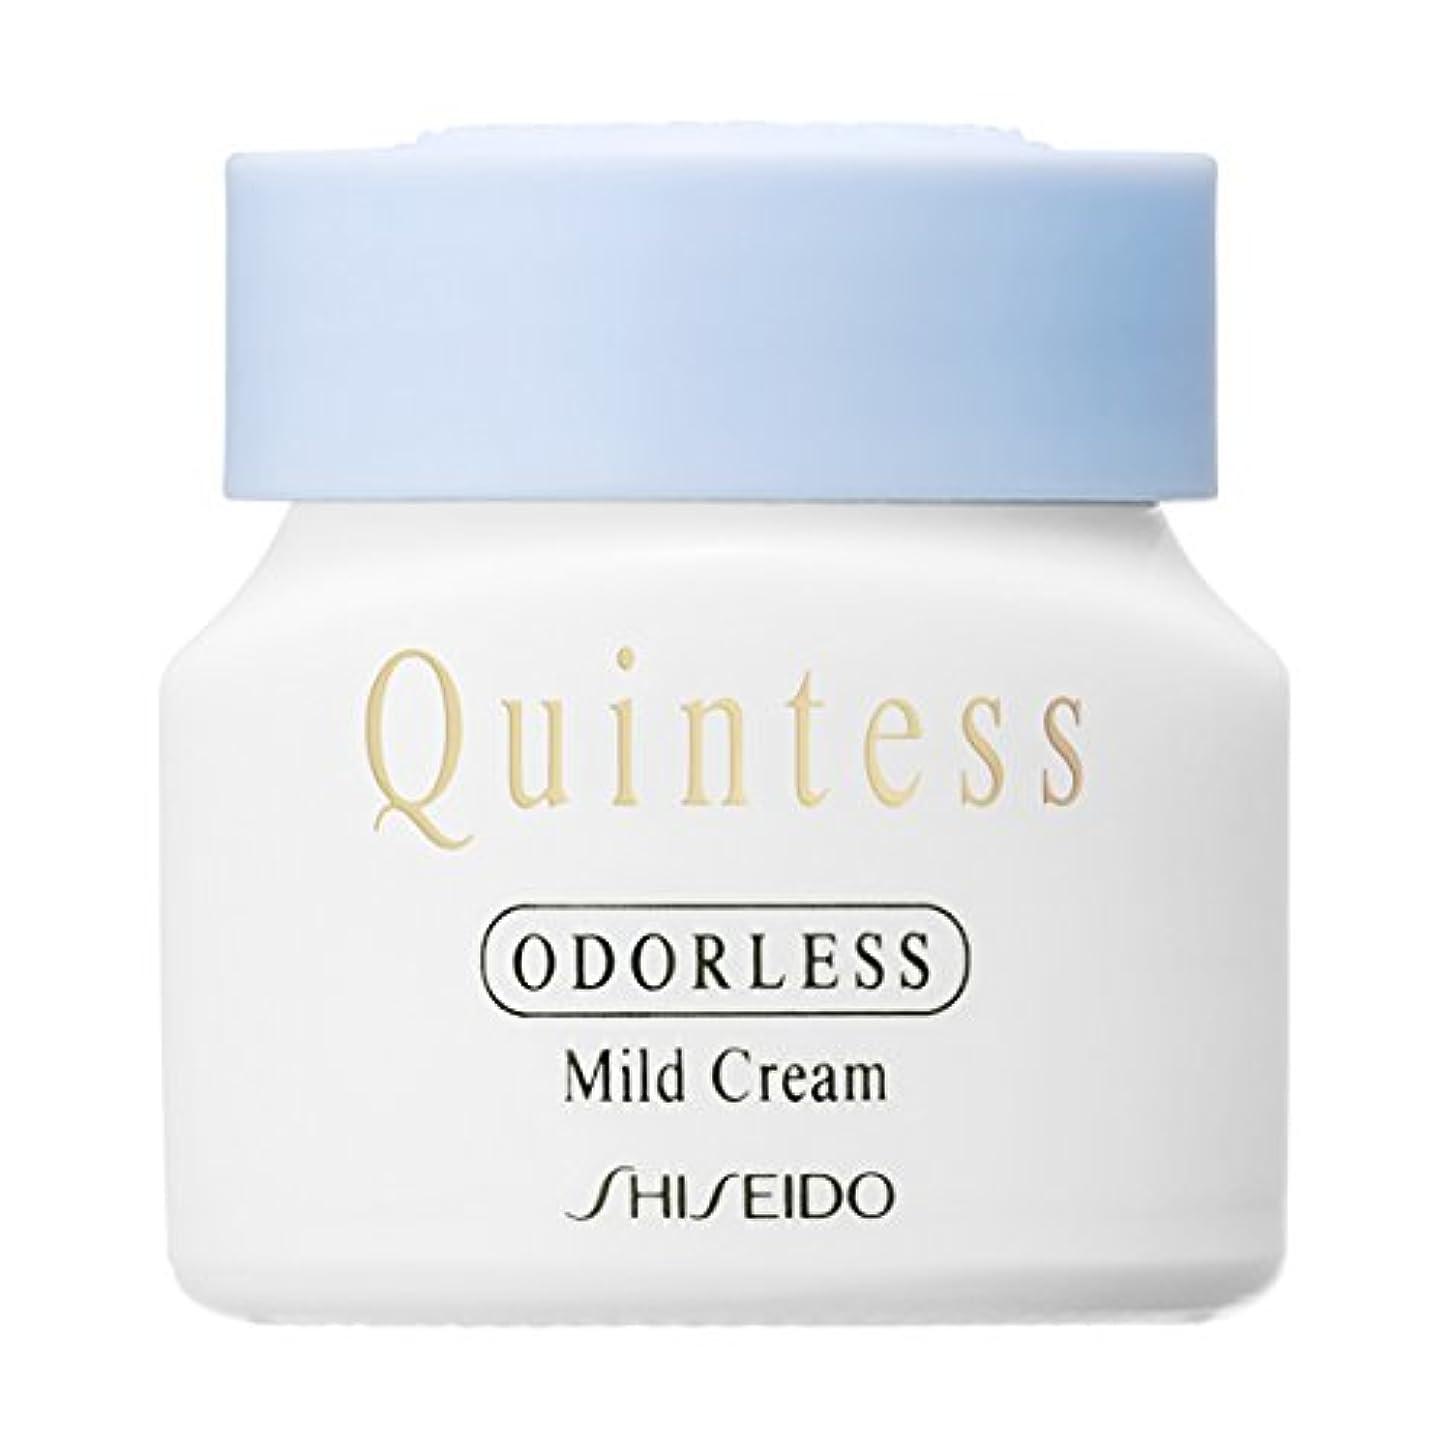 イヤホン行為割り当てますクインテス オーダレス マイルドクリーム 30g